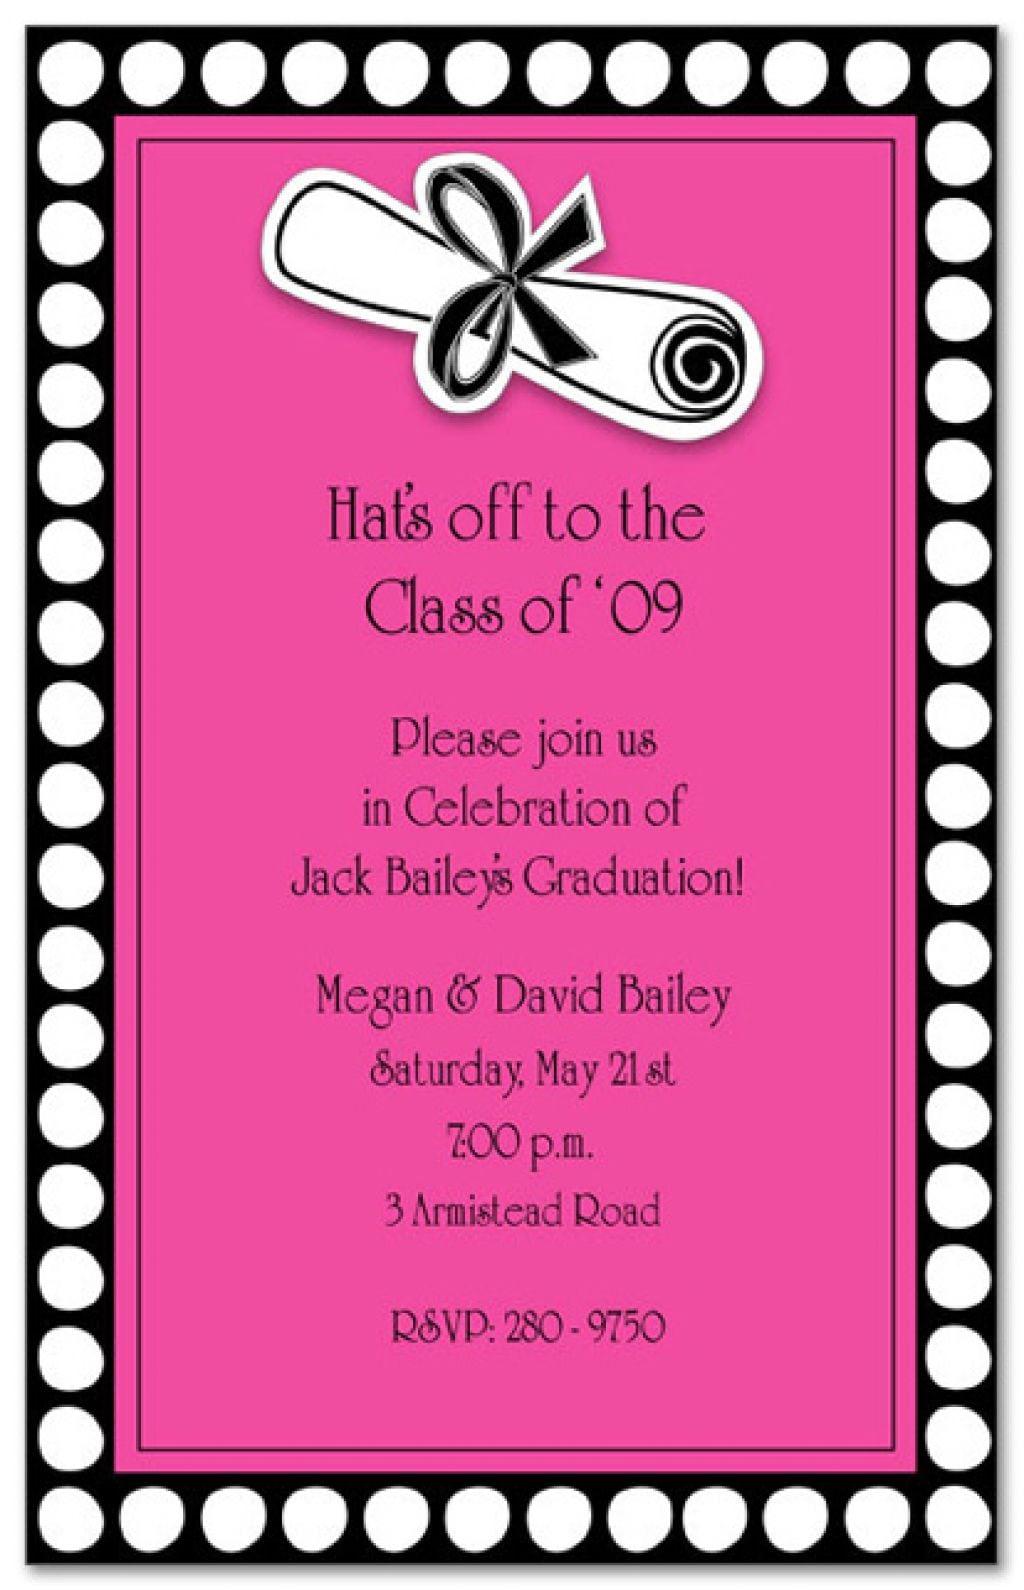 Graduation Party Announcements Wording Fabulous Graduation Party